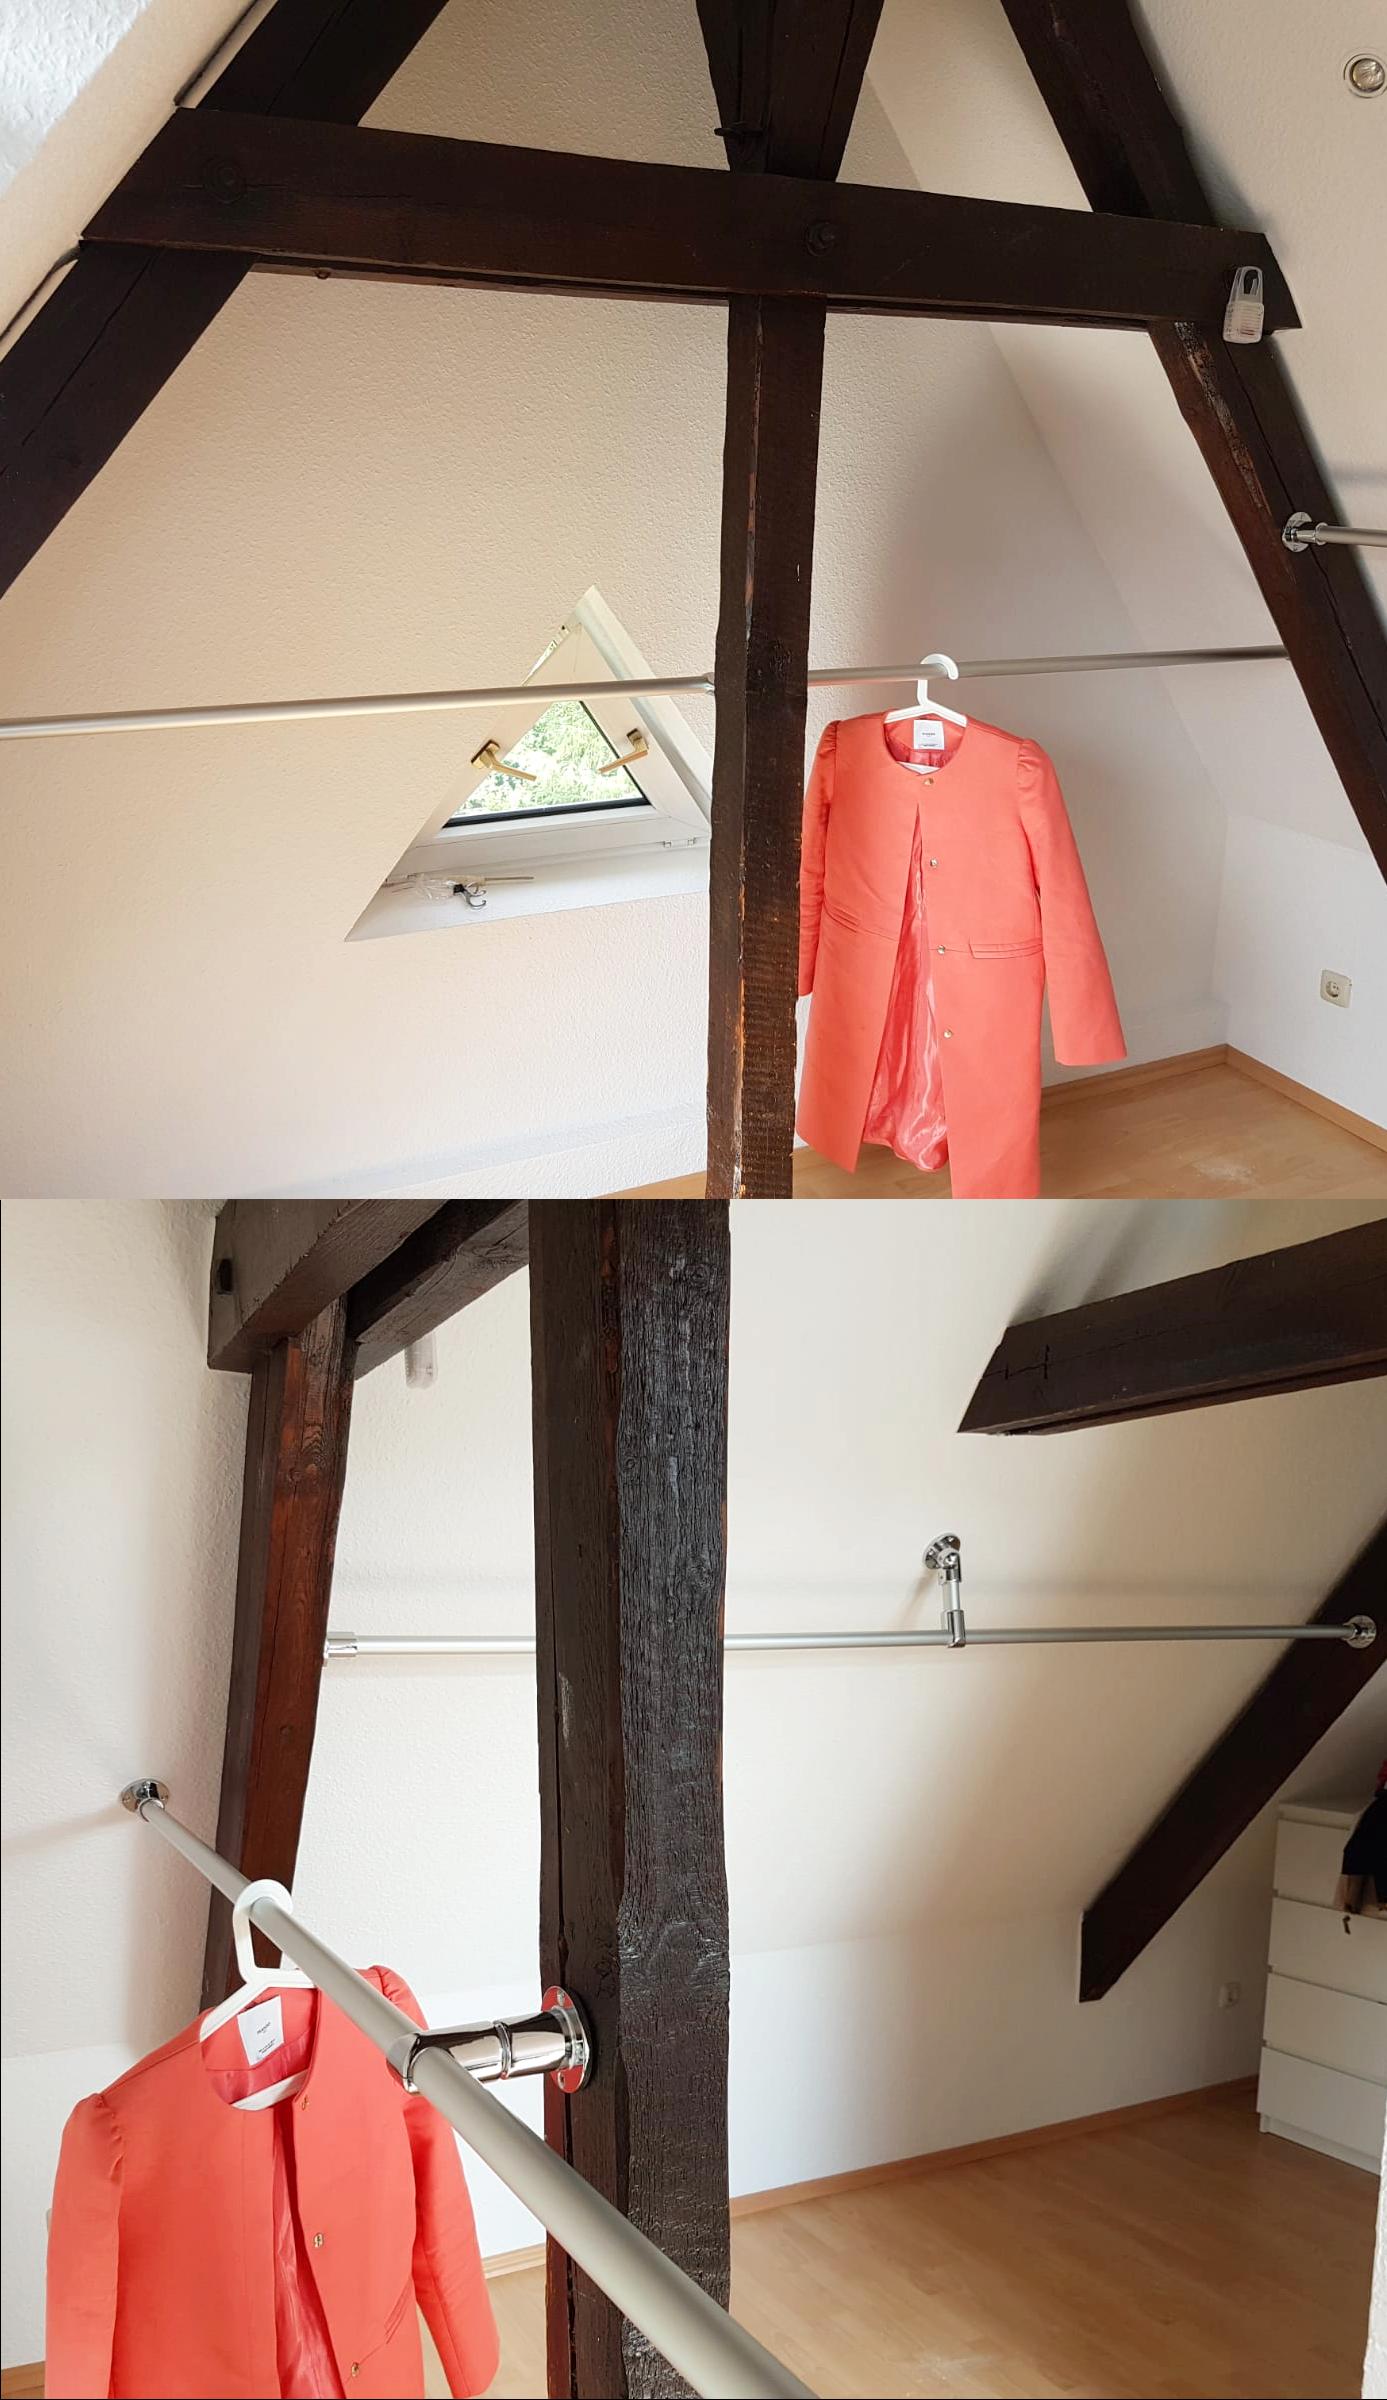 Kleiderstangensystem Unter Dachschrage Kundenfoto Kleiderstange